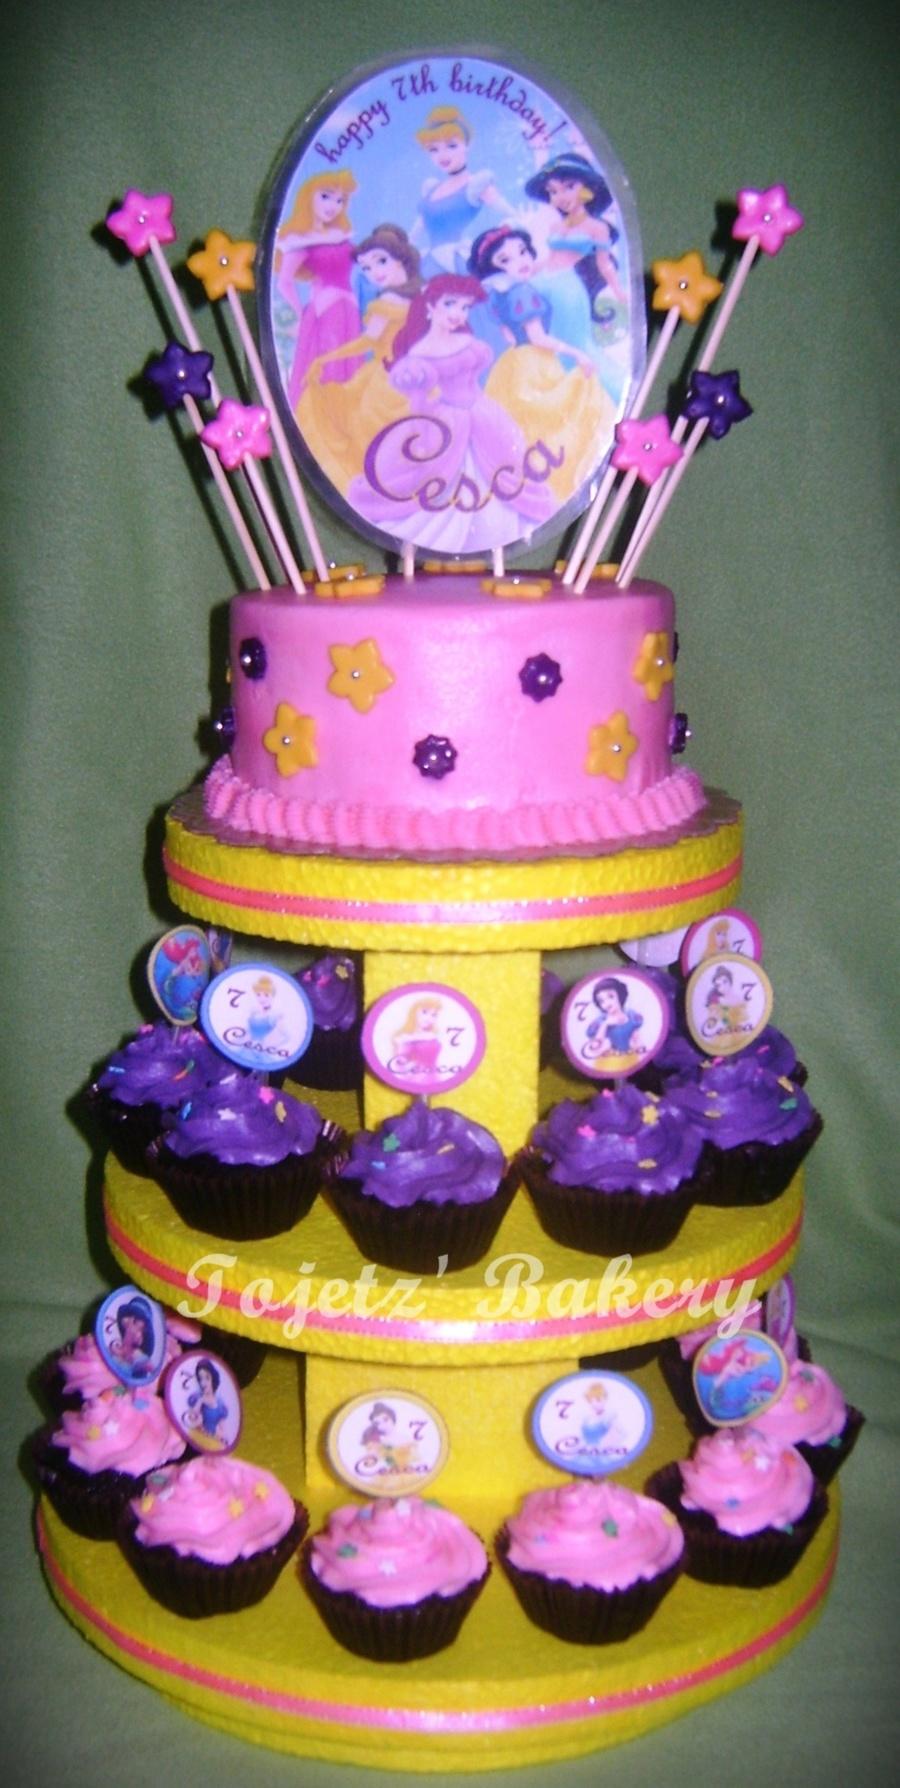 cescas disney princess cupcake tower cakecentralcom